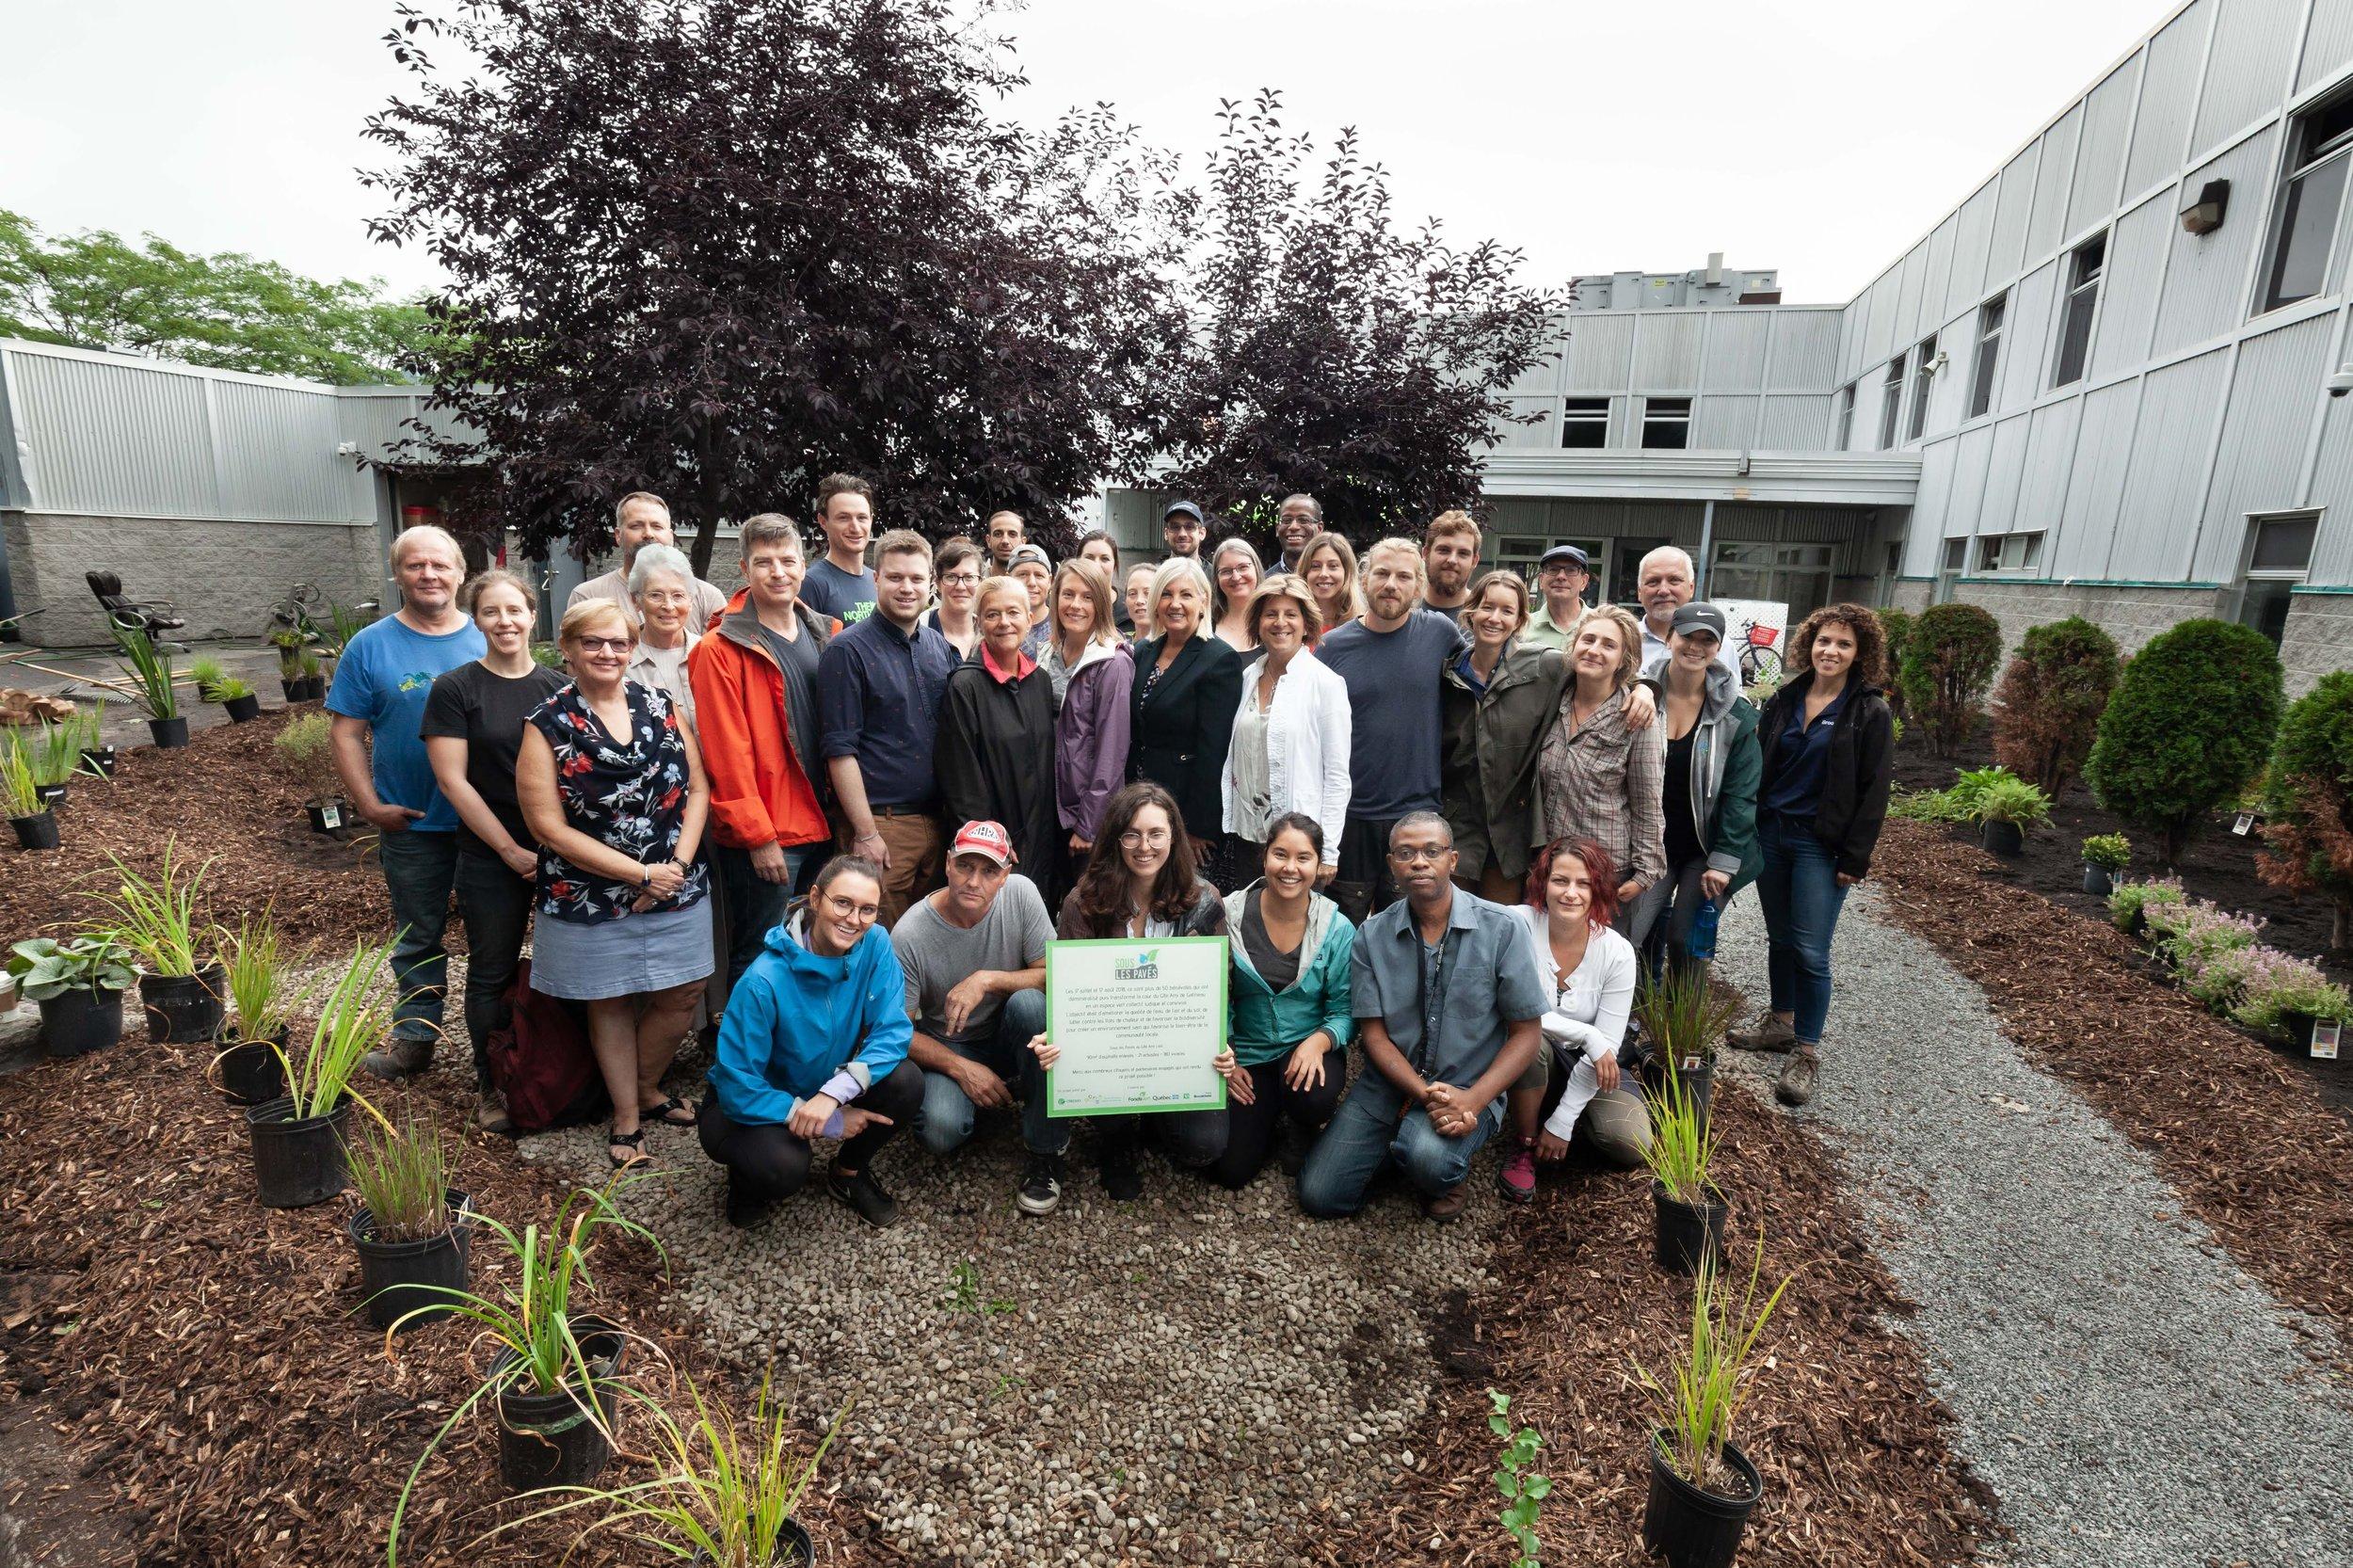 Gîte Ami de Gatineau - Le premier site réalisé au Québec est en Outaouais, au Gîte Ami de Gatineau ! Le 17 juillet 2018, près de 60 bénévoles ont mis la main à la pâte en arrachant 90 m² d'asphalte dans la cour du Gîte grâce à l'implication d'Énergie Brookfield. Cette journée a permis de préparer le terrain qui sera revitalisé grâce à un procédé naturel de permaculture : un jardin de pluie !